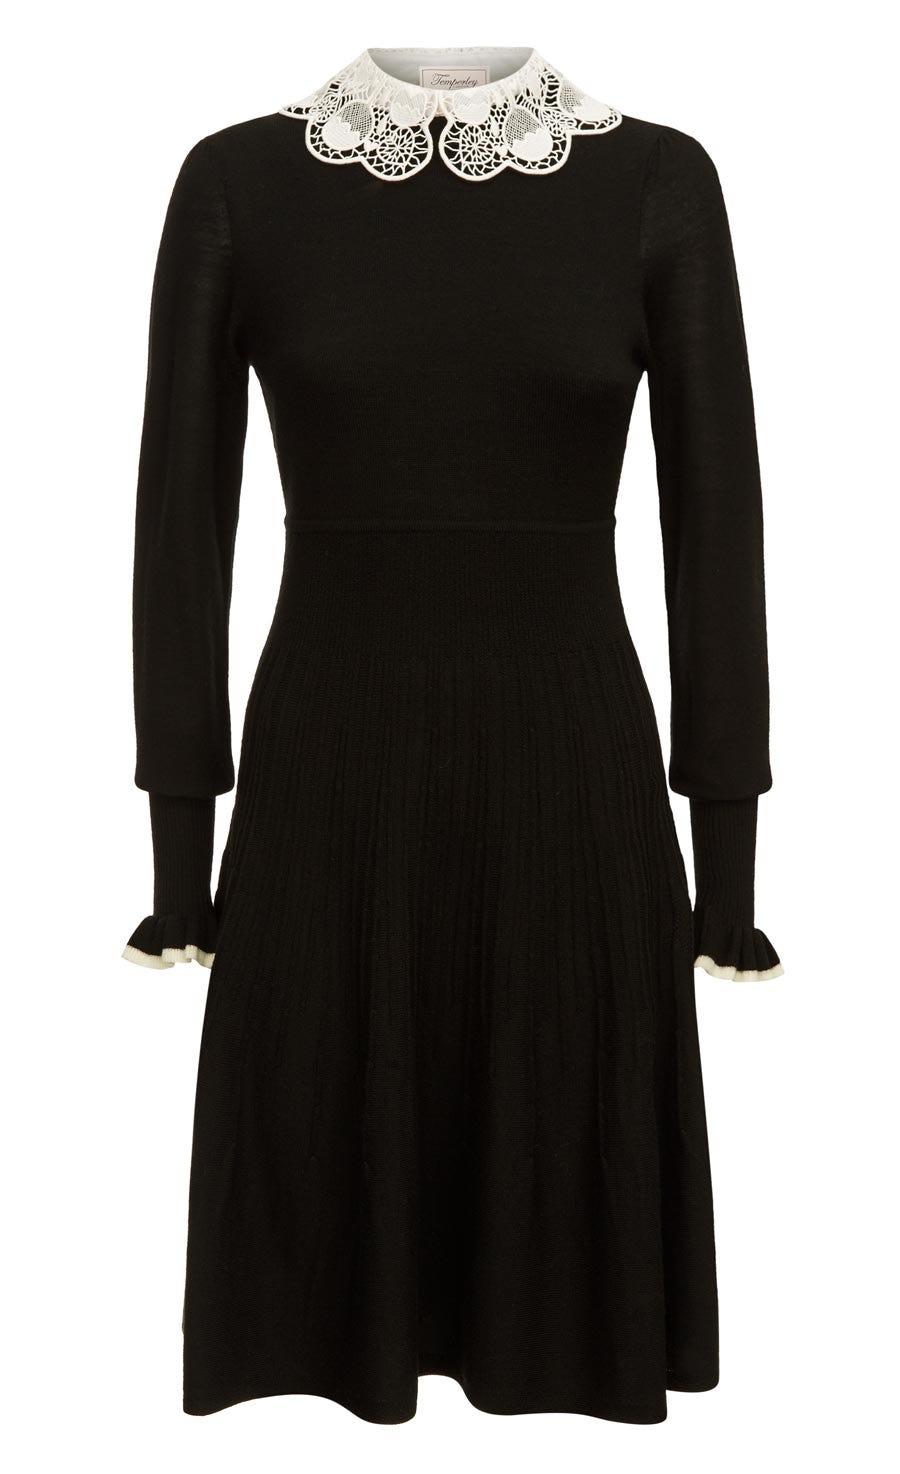 Bliss Sleeved Dress, Black